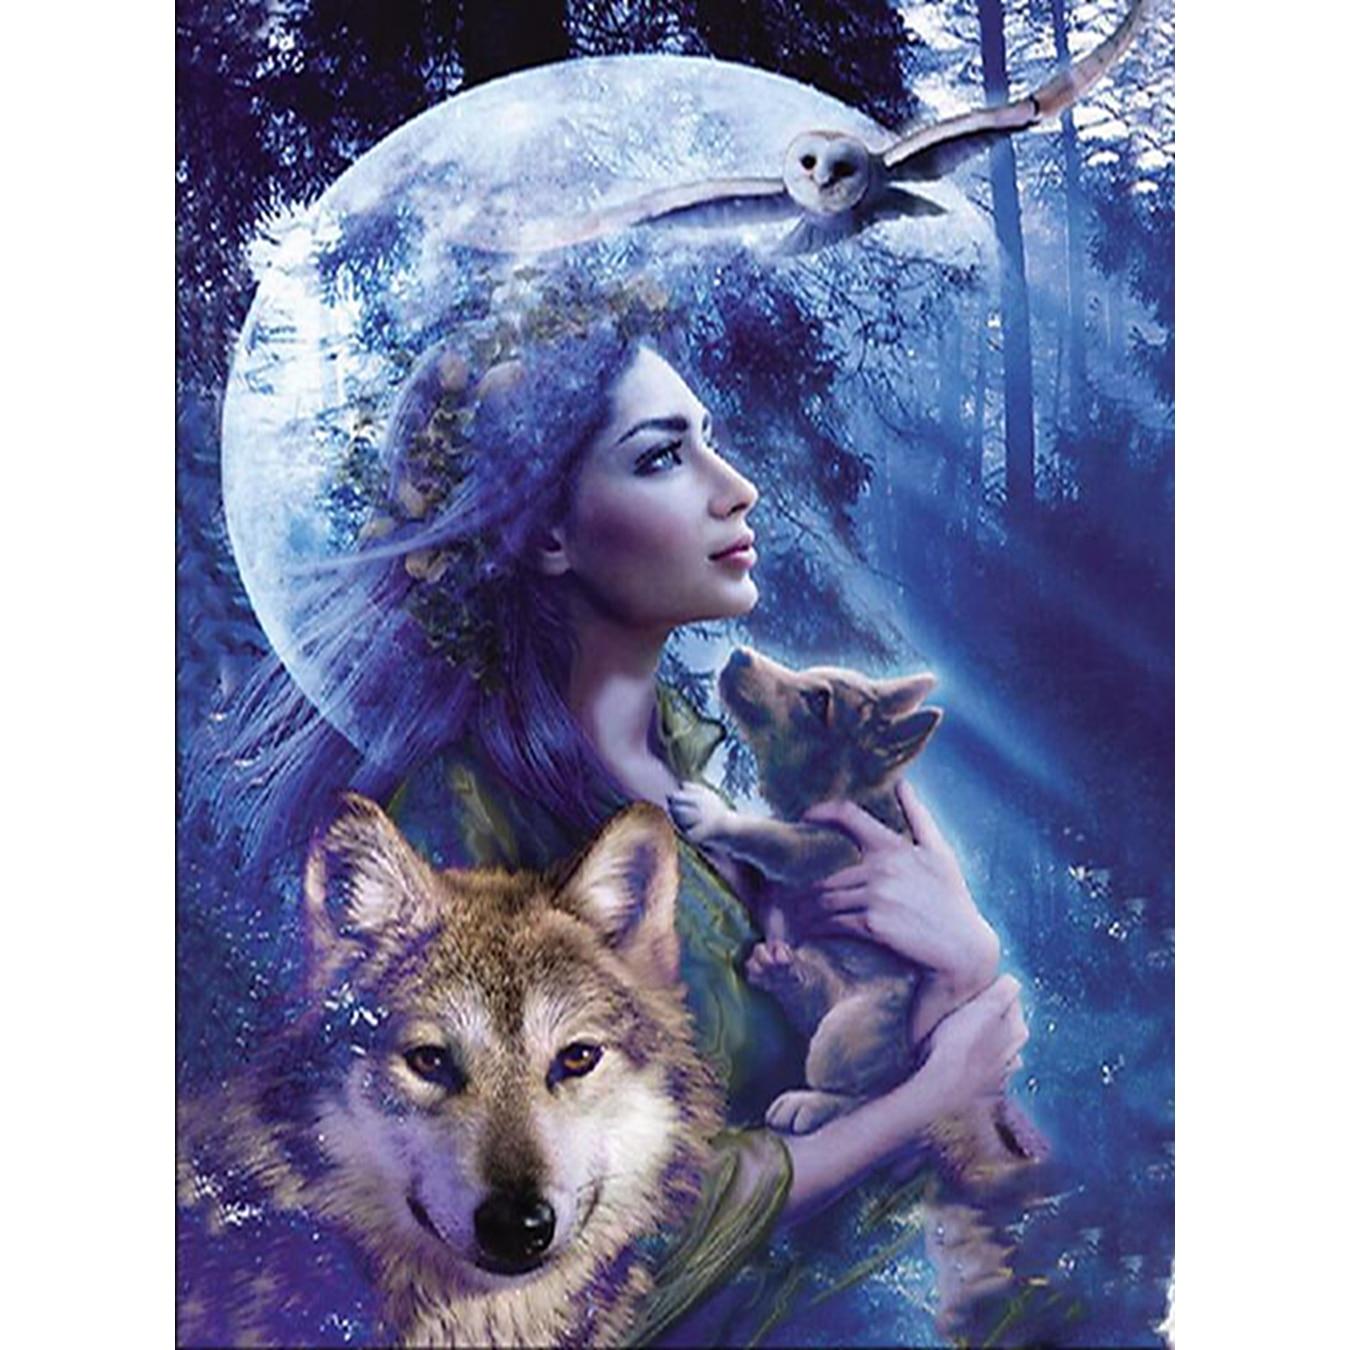 늑대 앤 레이디, 다이아몬드 페인팅, 바느질 작업, - 예술, 공예, 바느질